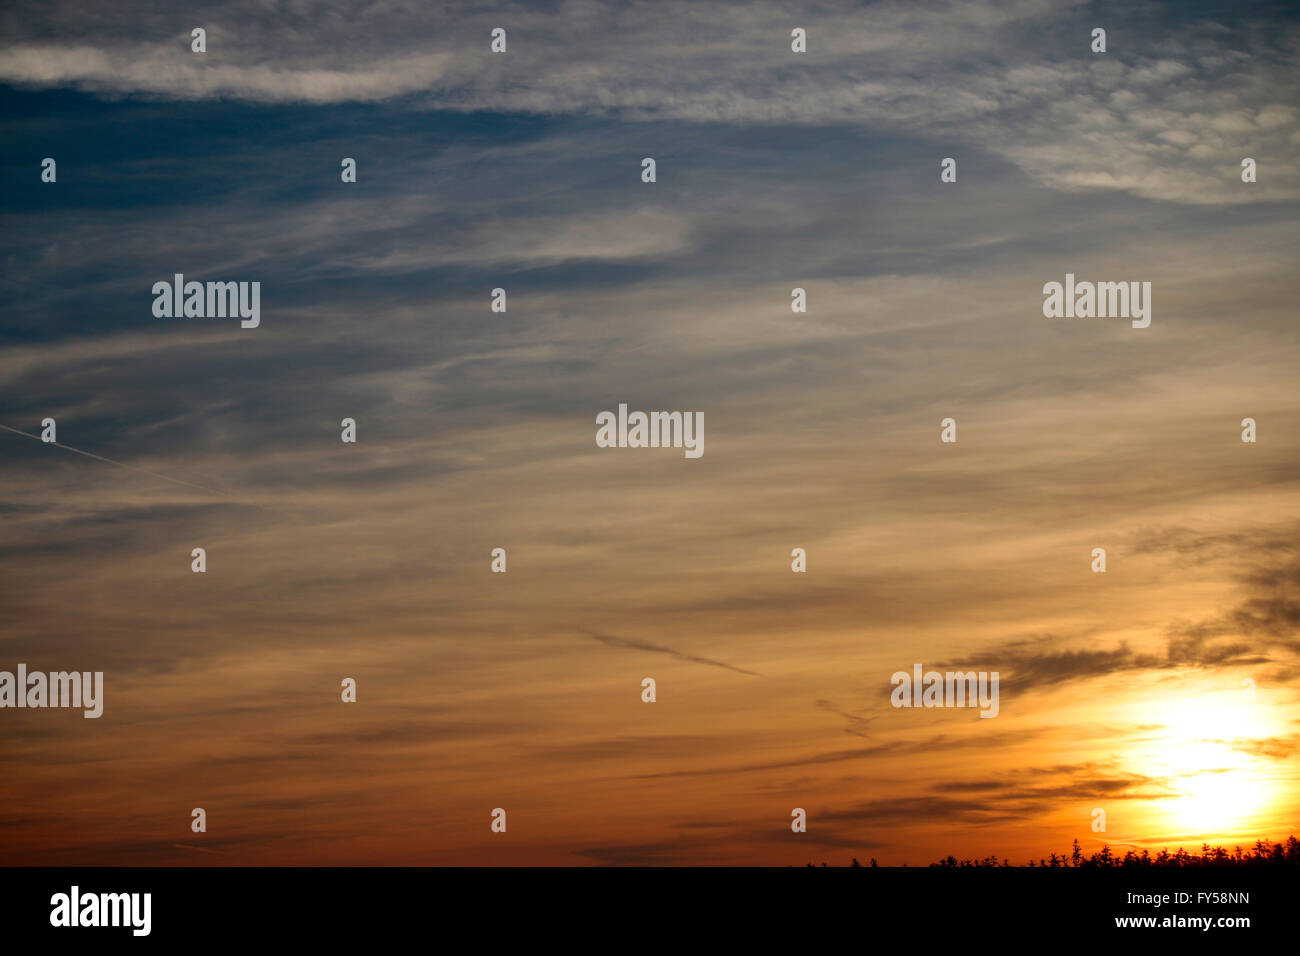 Himmel, Brandenburg. - Stock Image